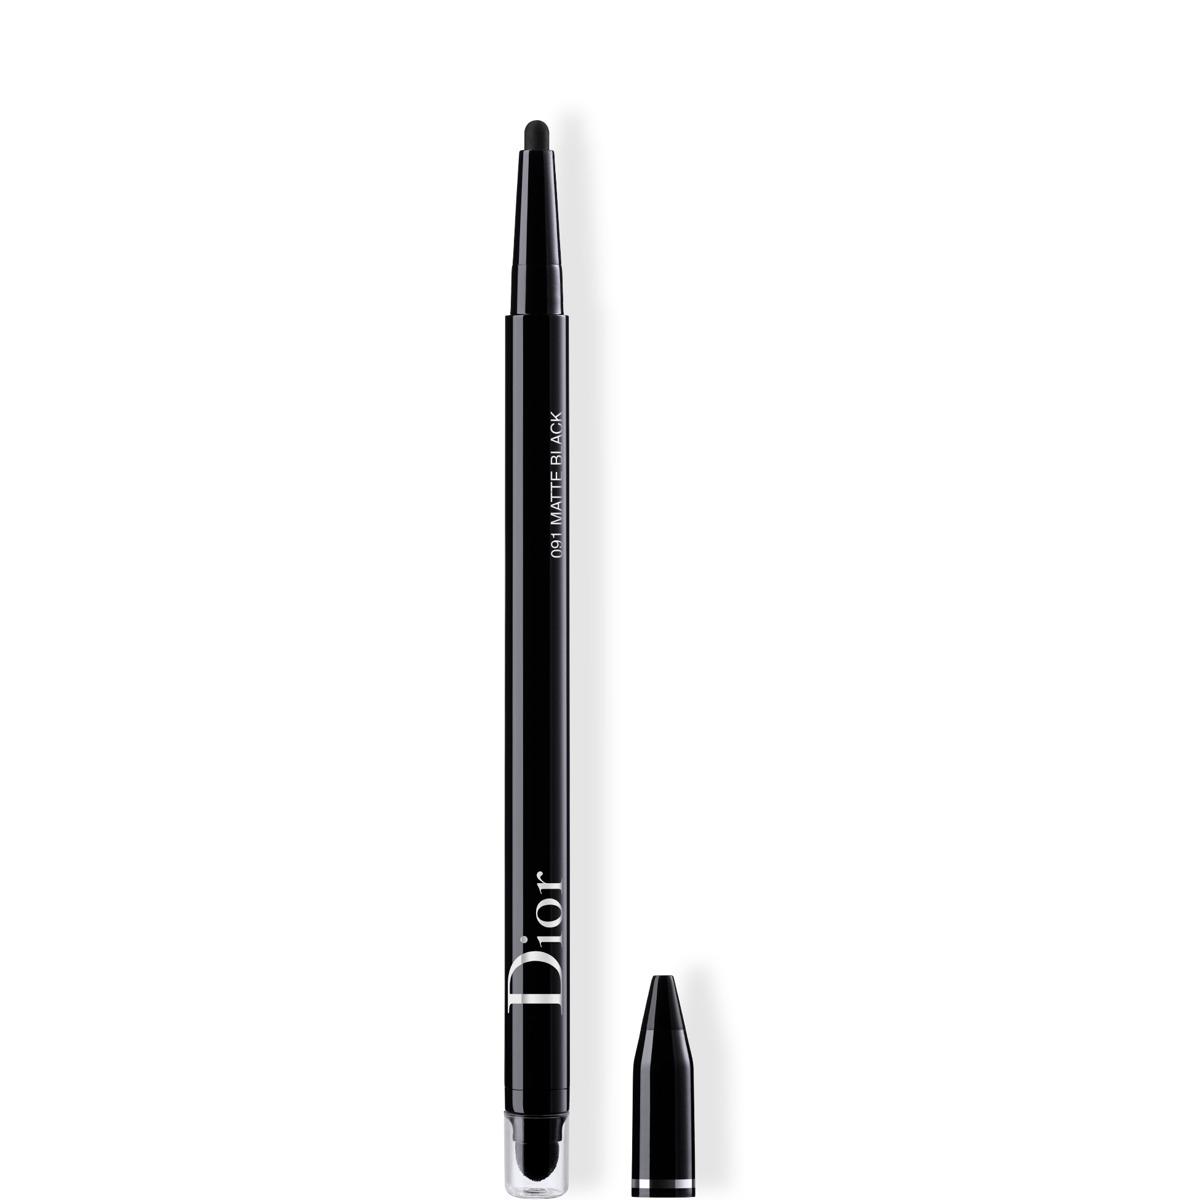 Dior - Diorshow 24H* Stylo - Eyeliner yeux waterproof Tenue 24h